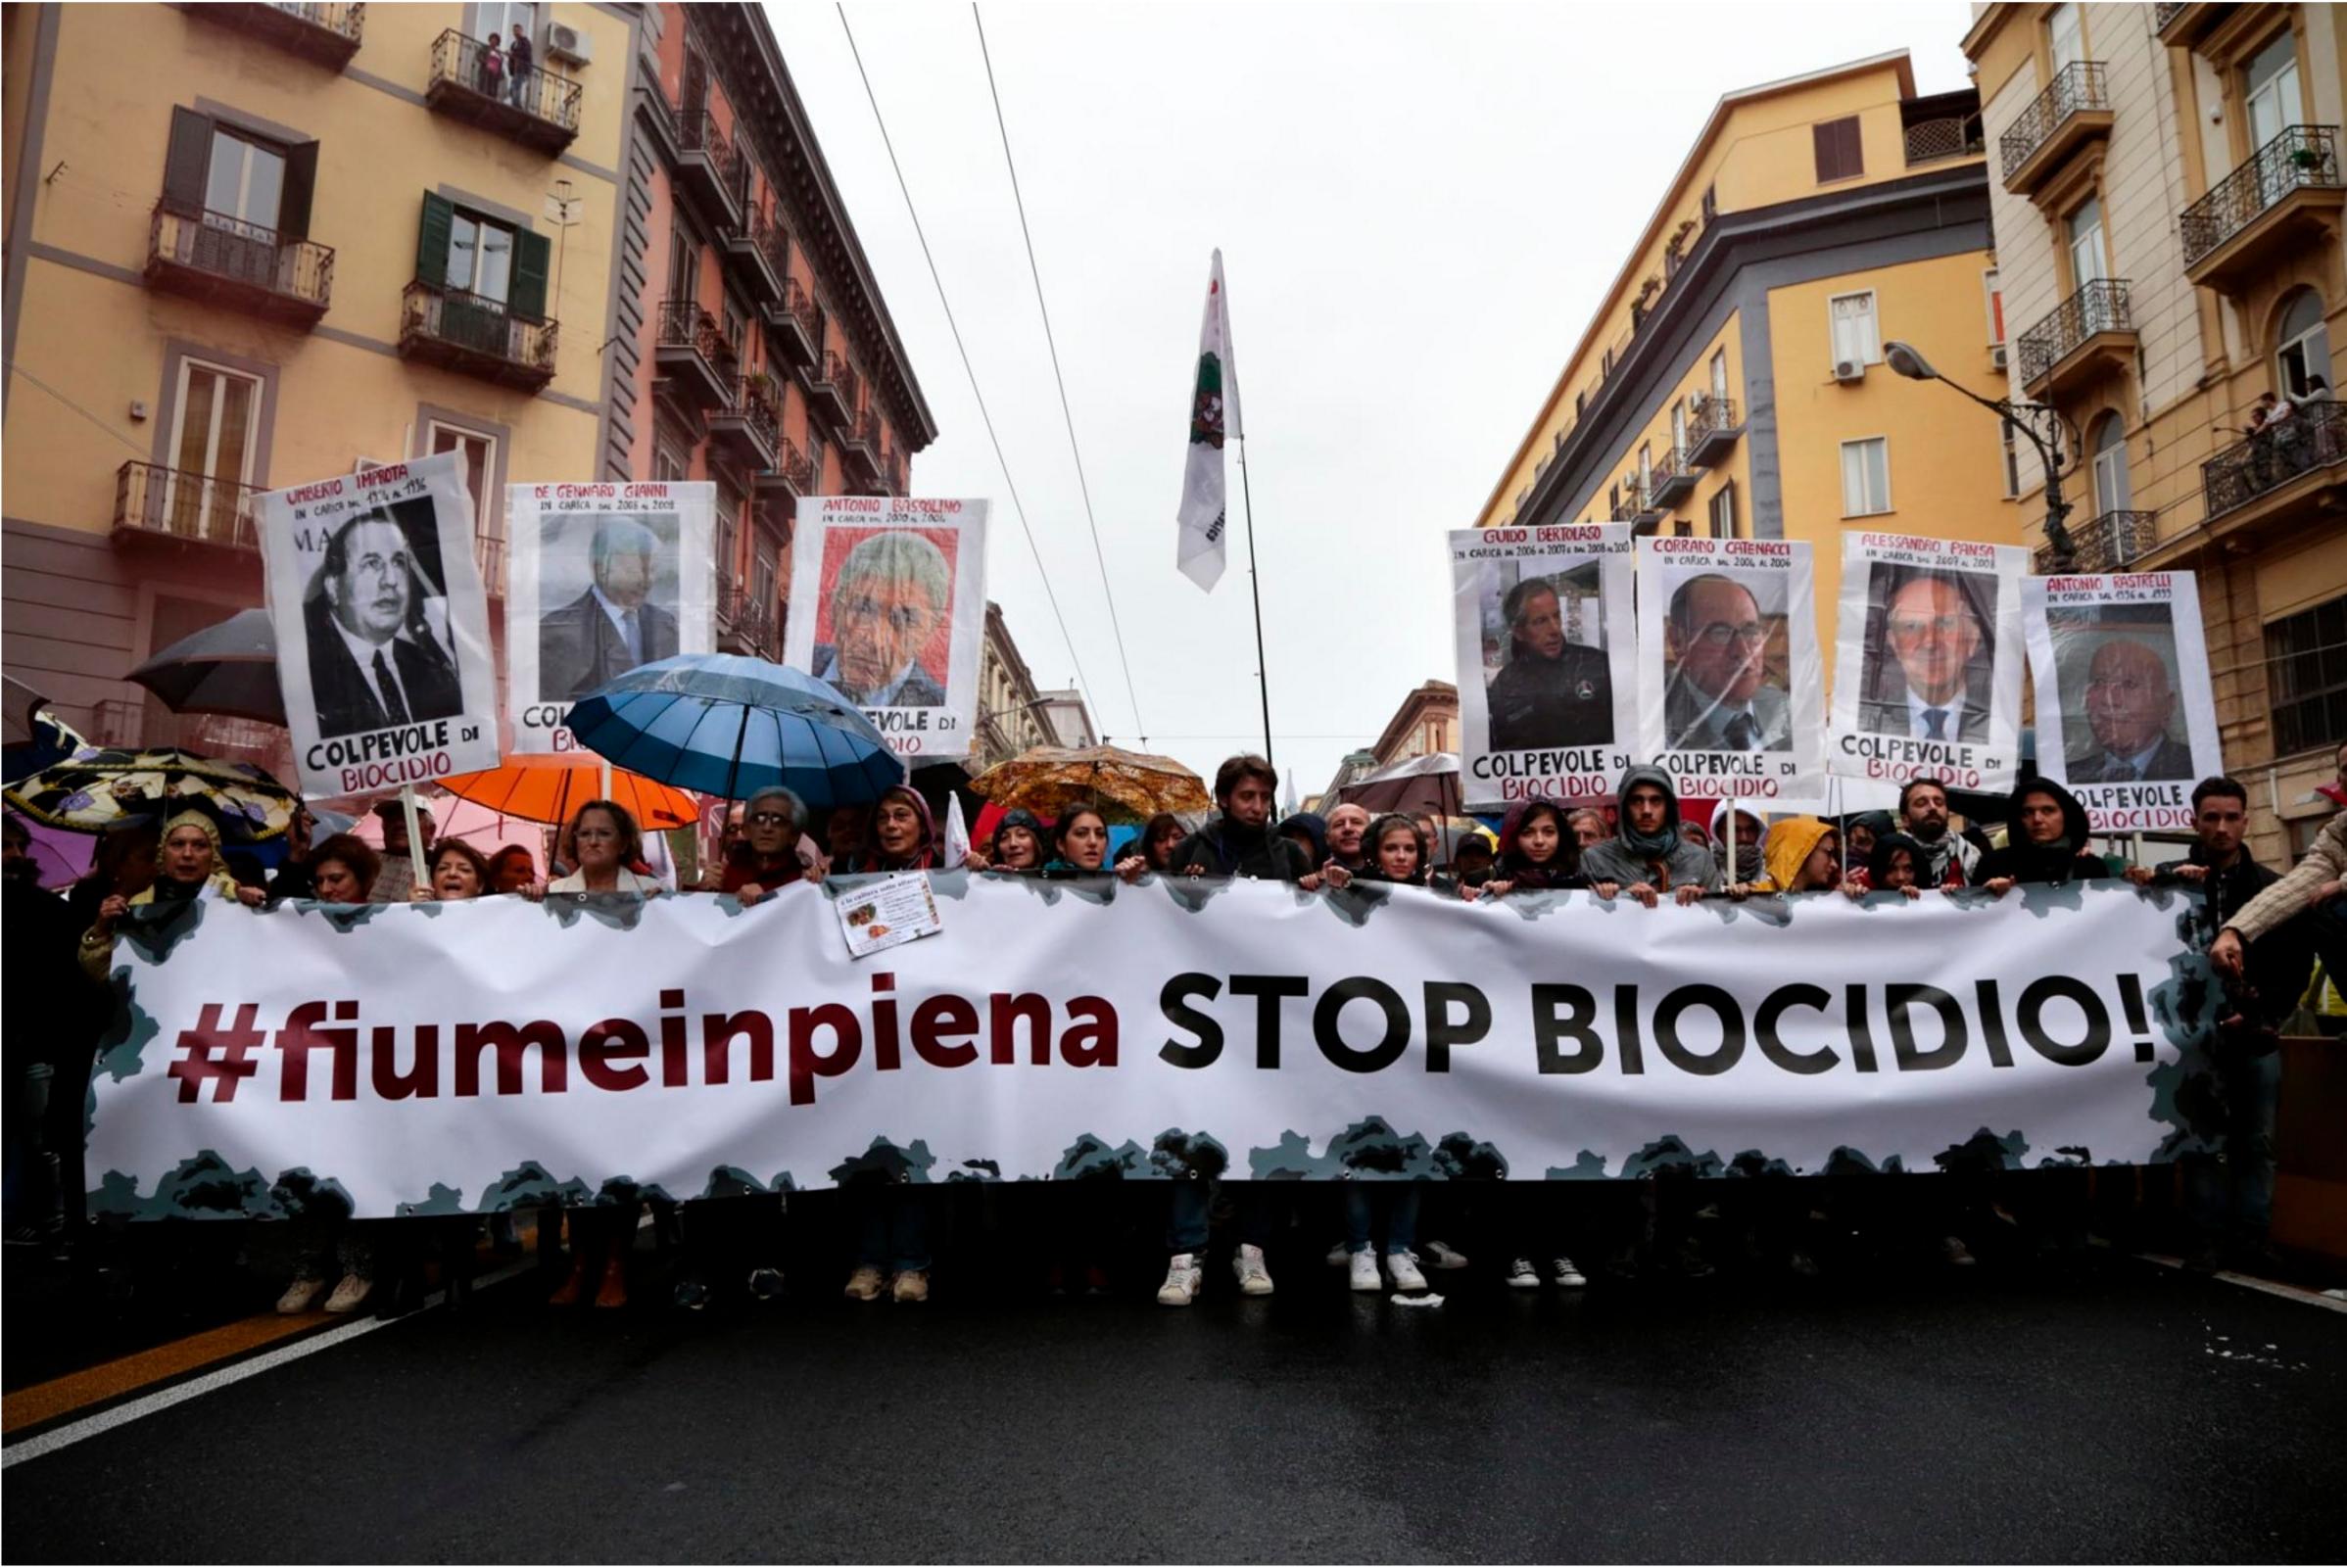 stop biocidio_alessio paduano